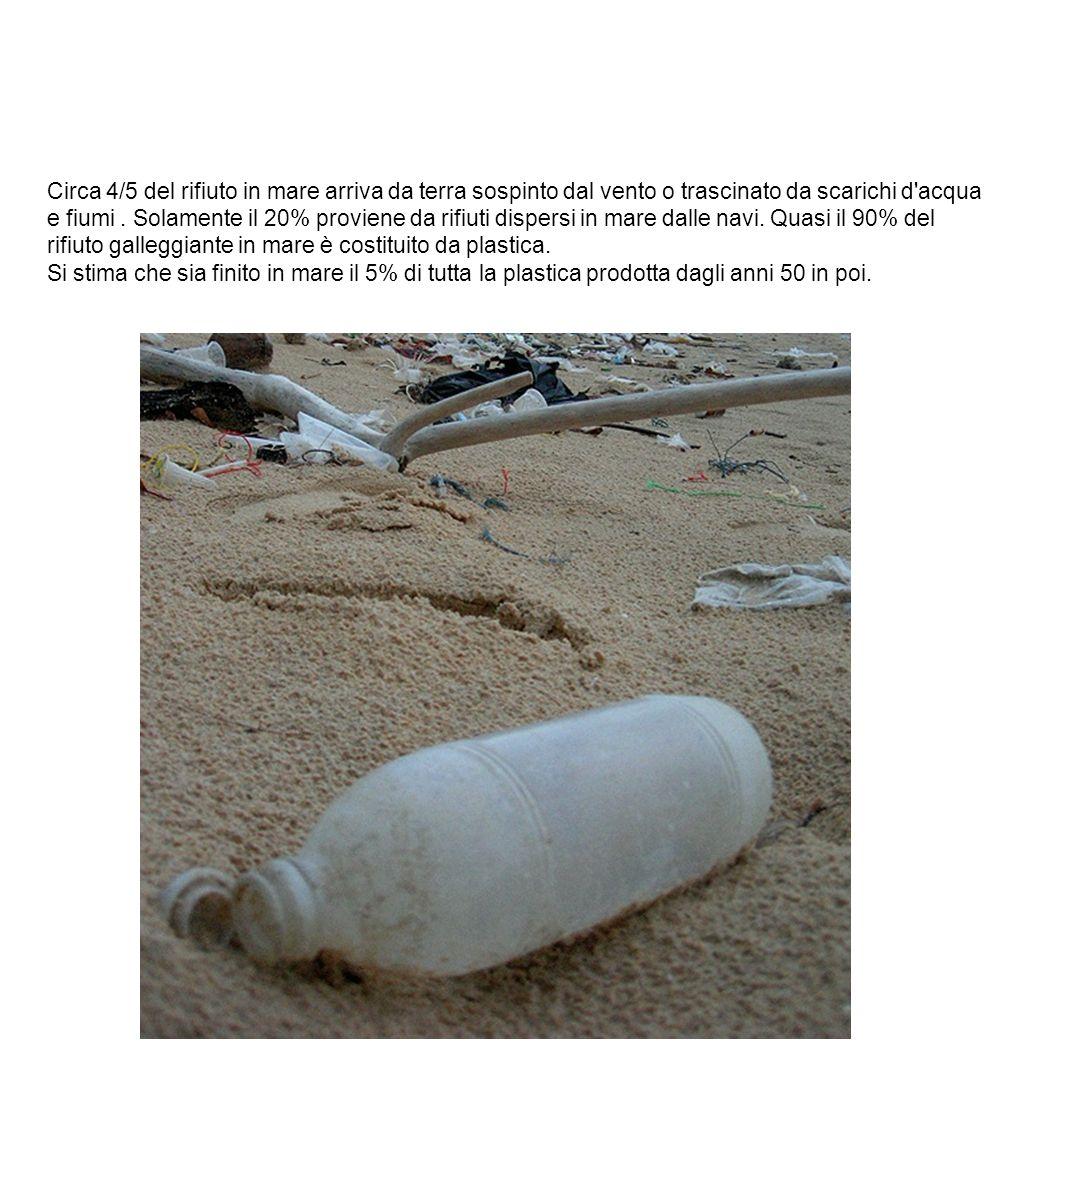 Circa 4/5 del rifiuto in mare arriva da terra sospinto dal vento o trascinato da scarichi d acqua e fiumi . Solamente il 20% proviene da rifiuti dispersi in mare dalle navi. Quasi il 90% del rifiuto galleggiante in mare è costituito da plastica.